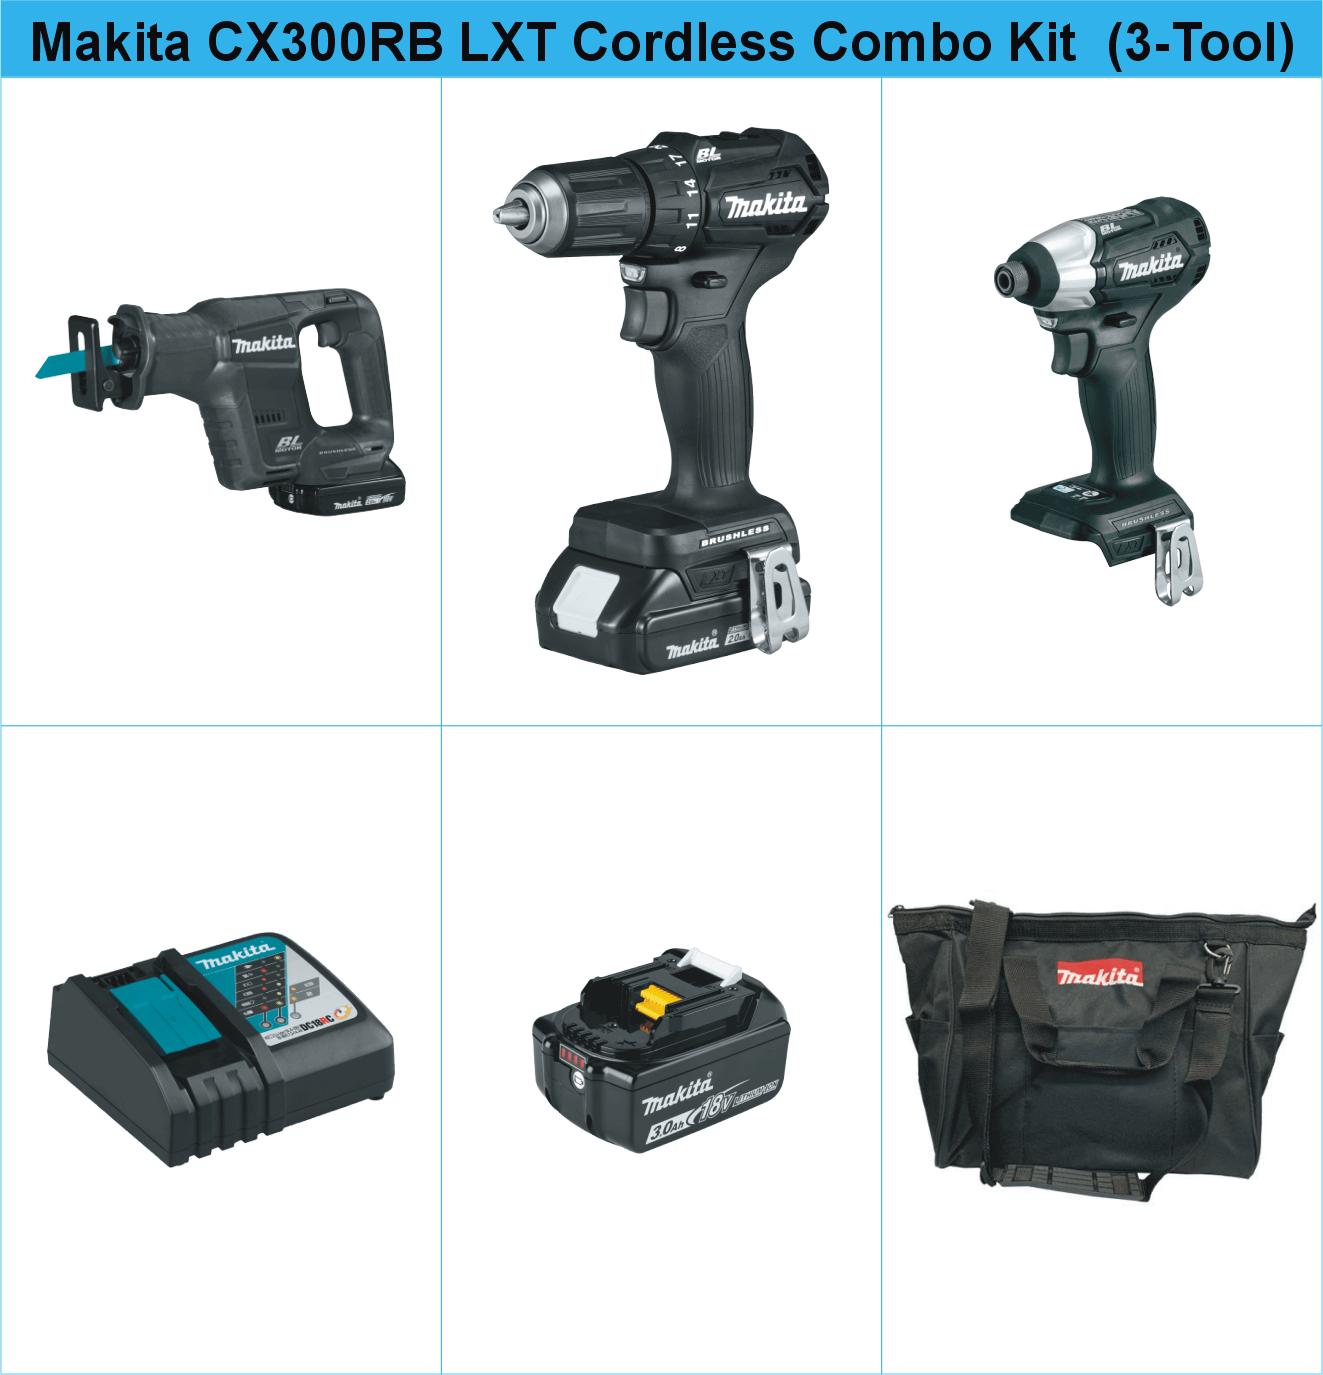 Makita CX300RB 18V LXT Sub-Compact Brushless Cordless Combo Kit